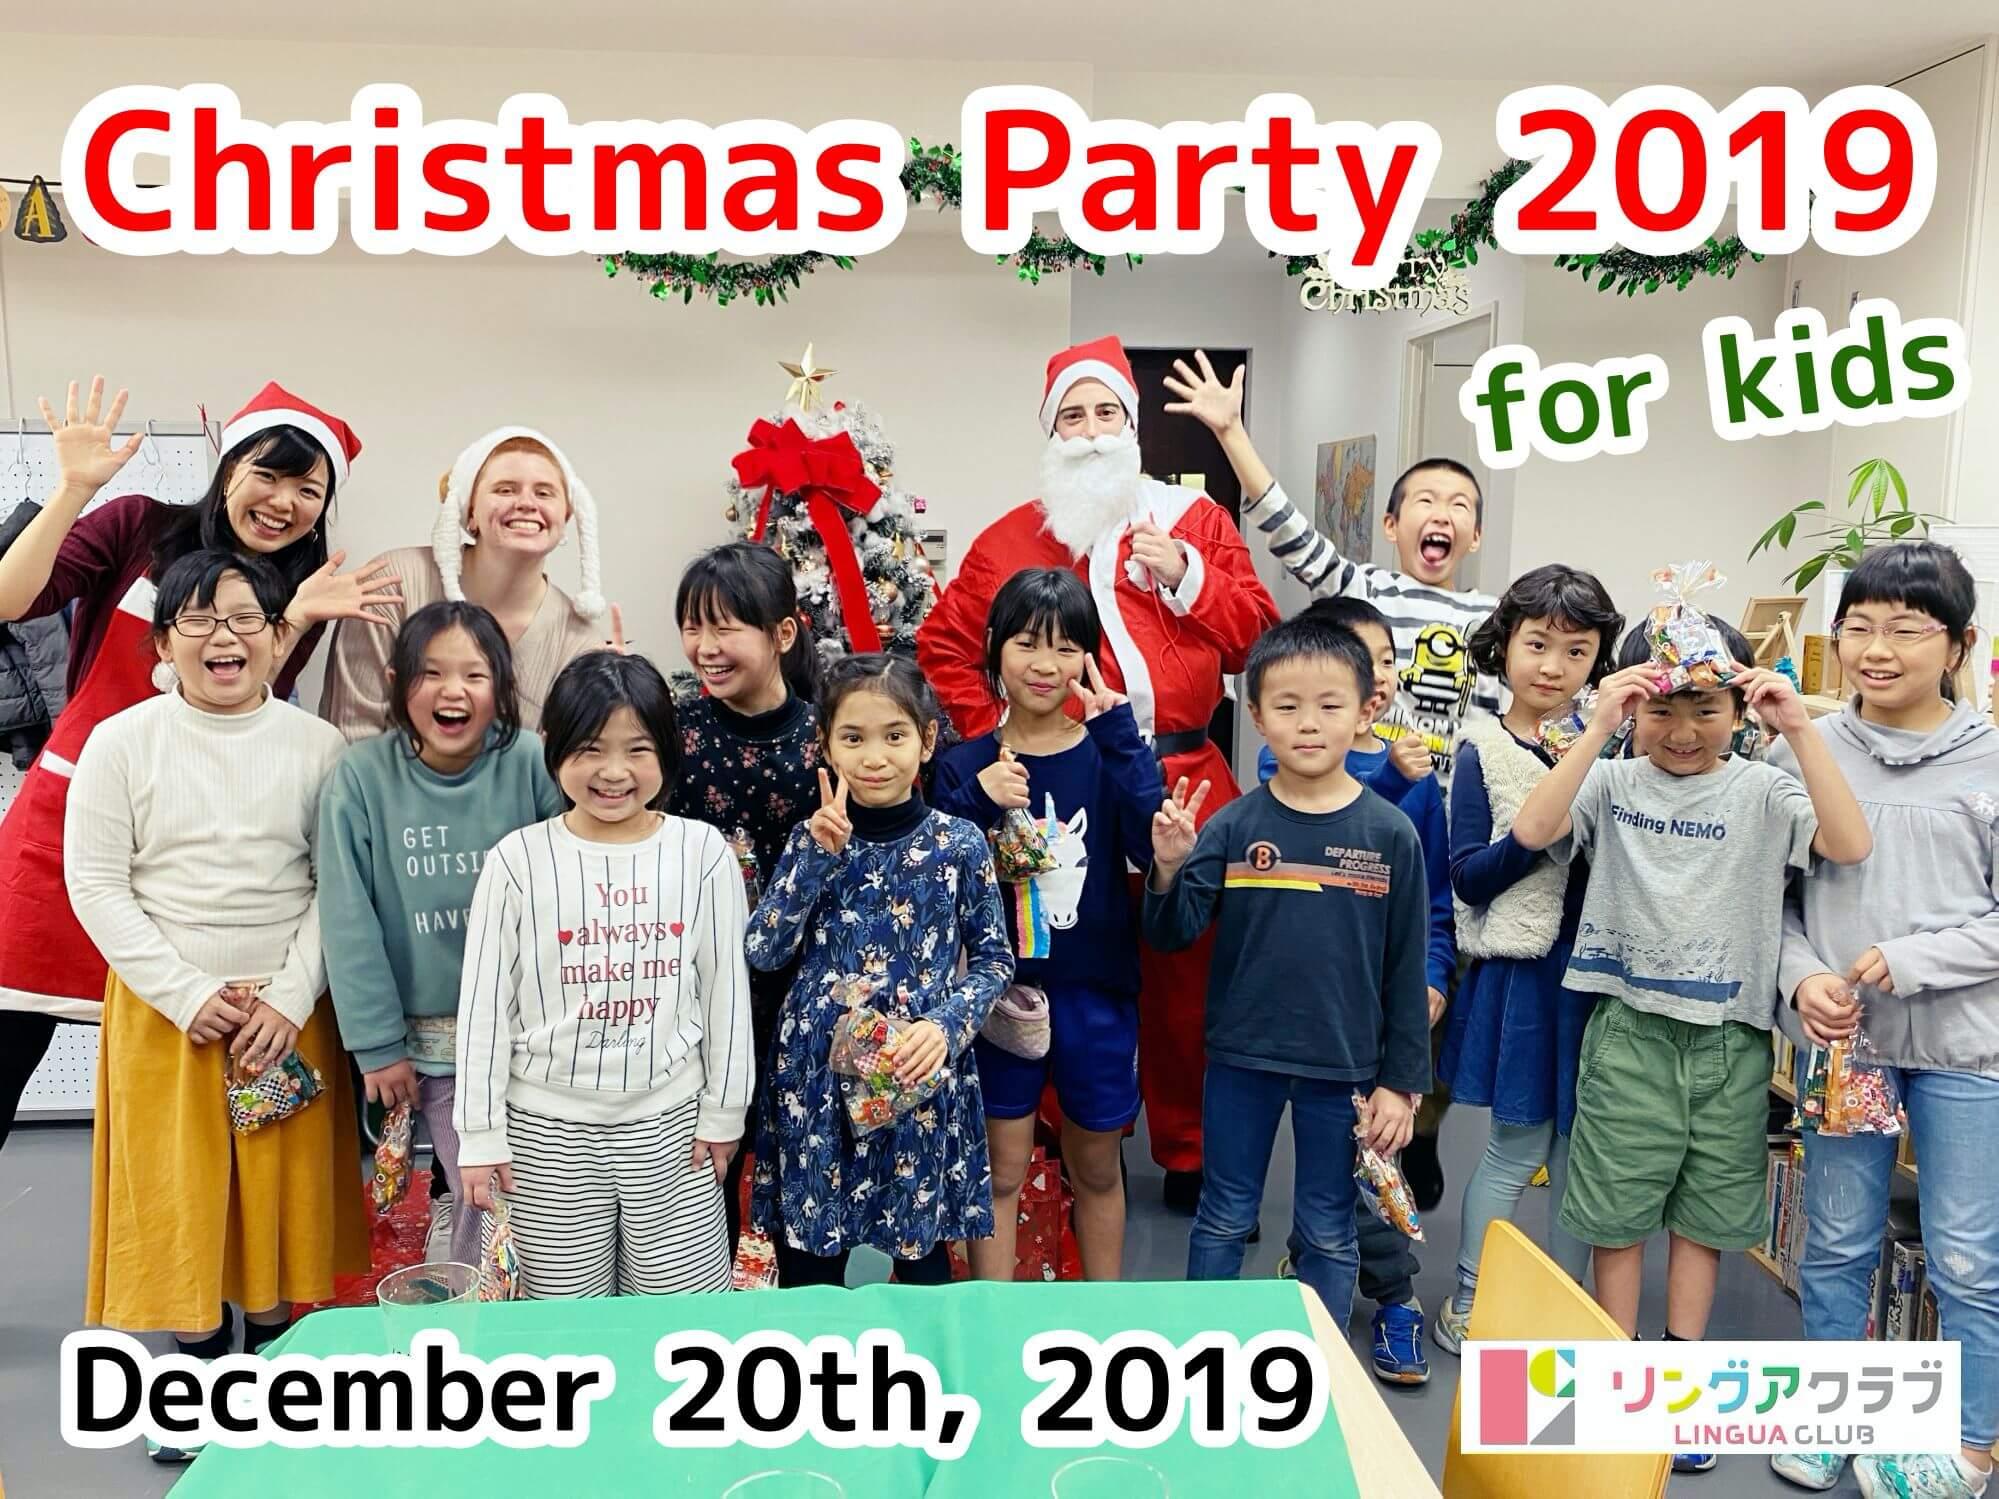 【レポート】クリスマスパーティー for kids(2019)